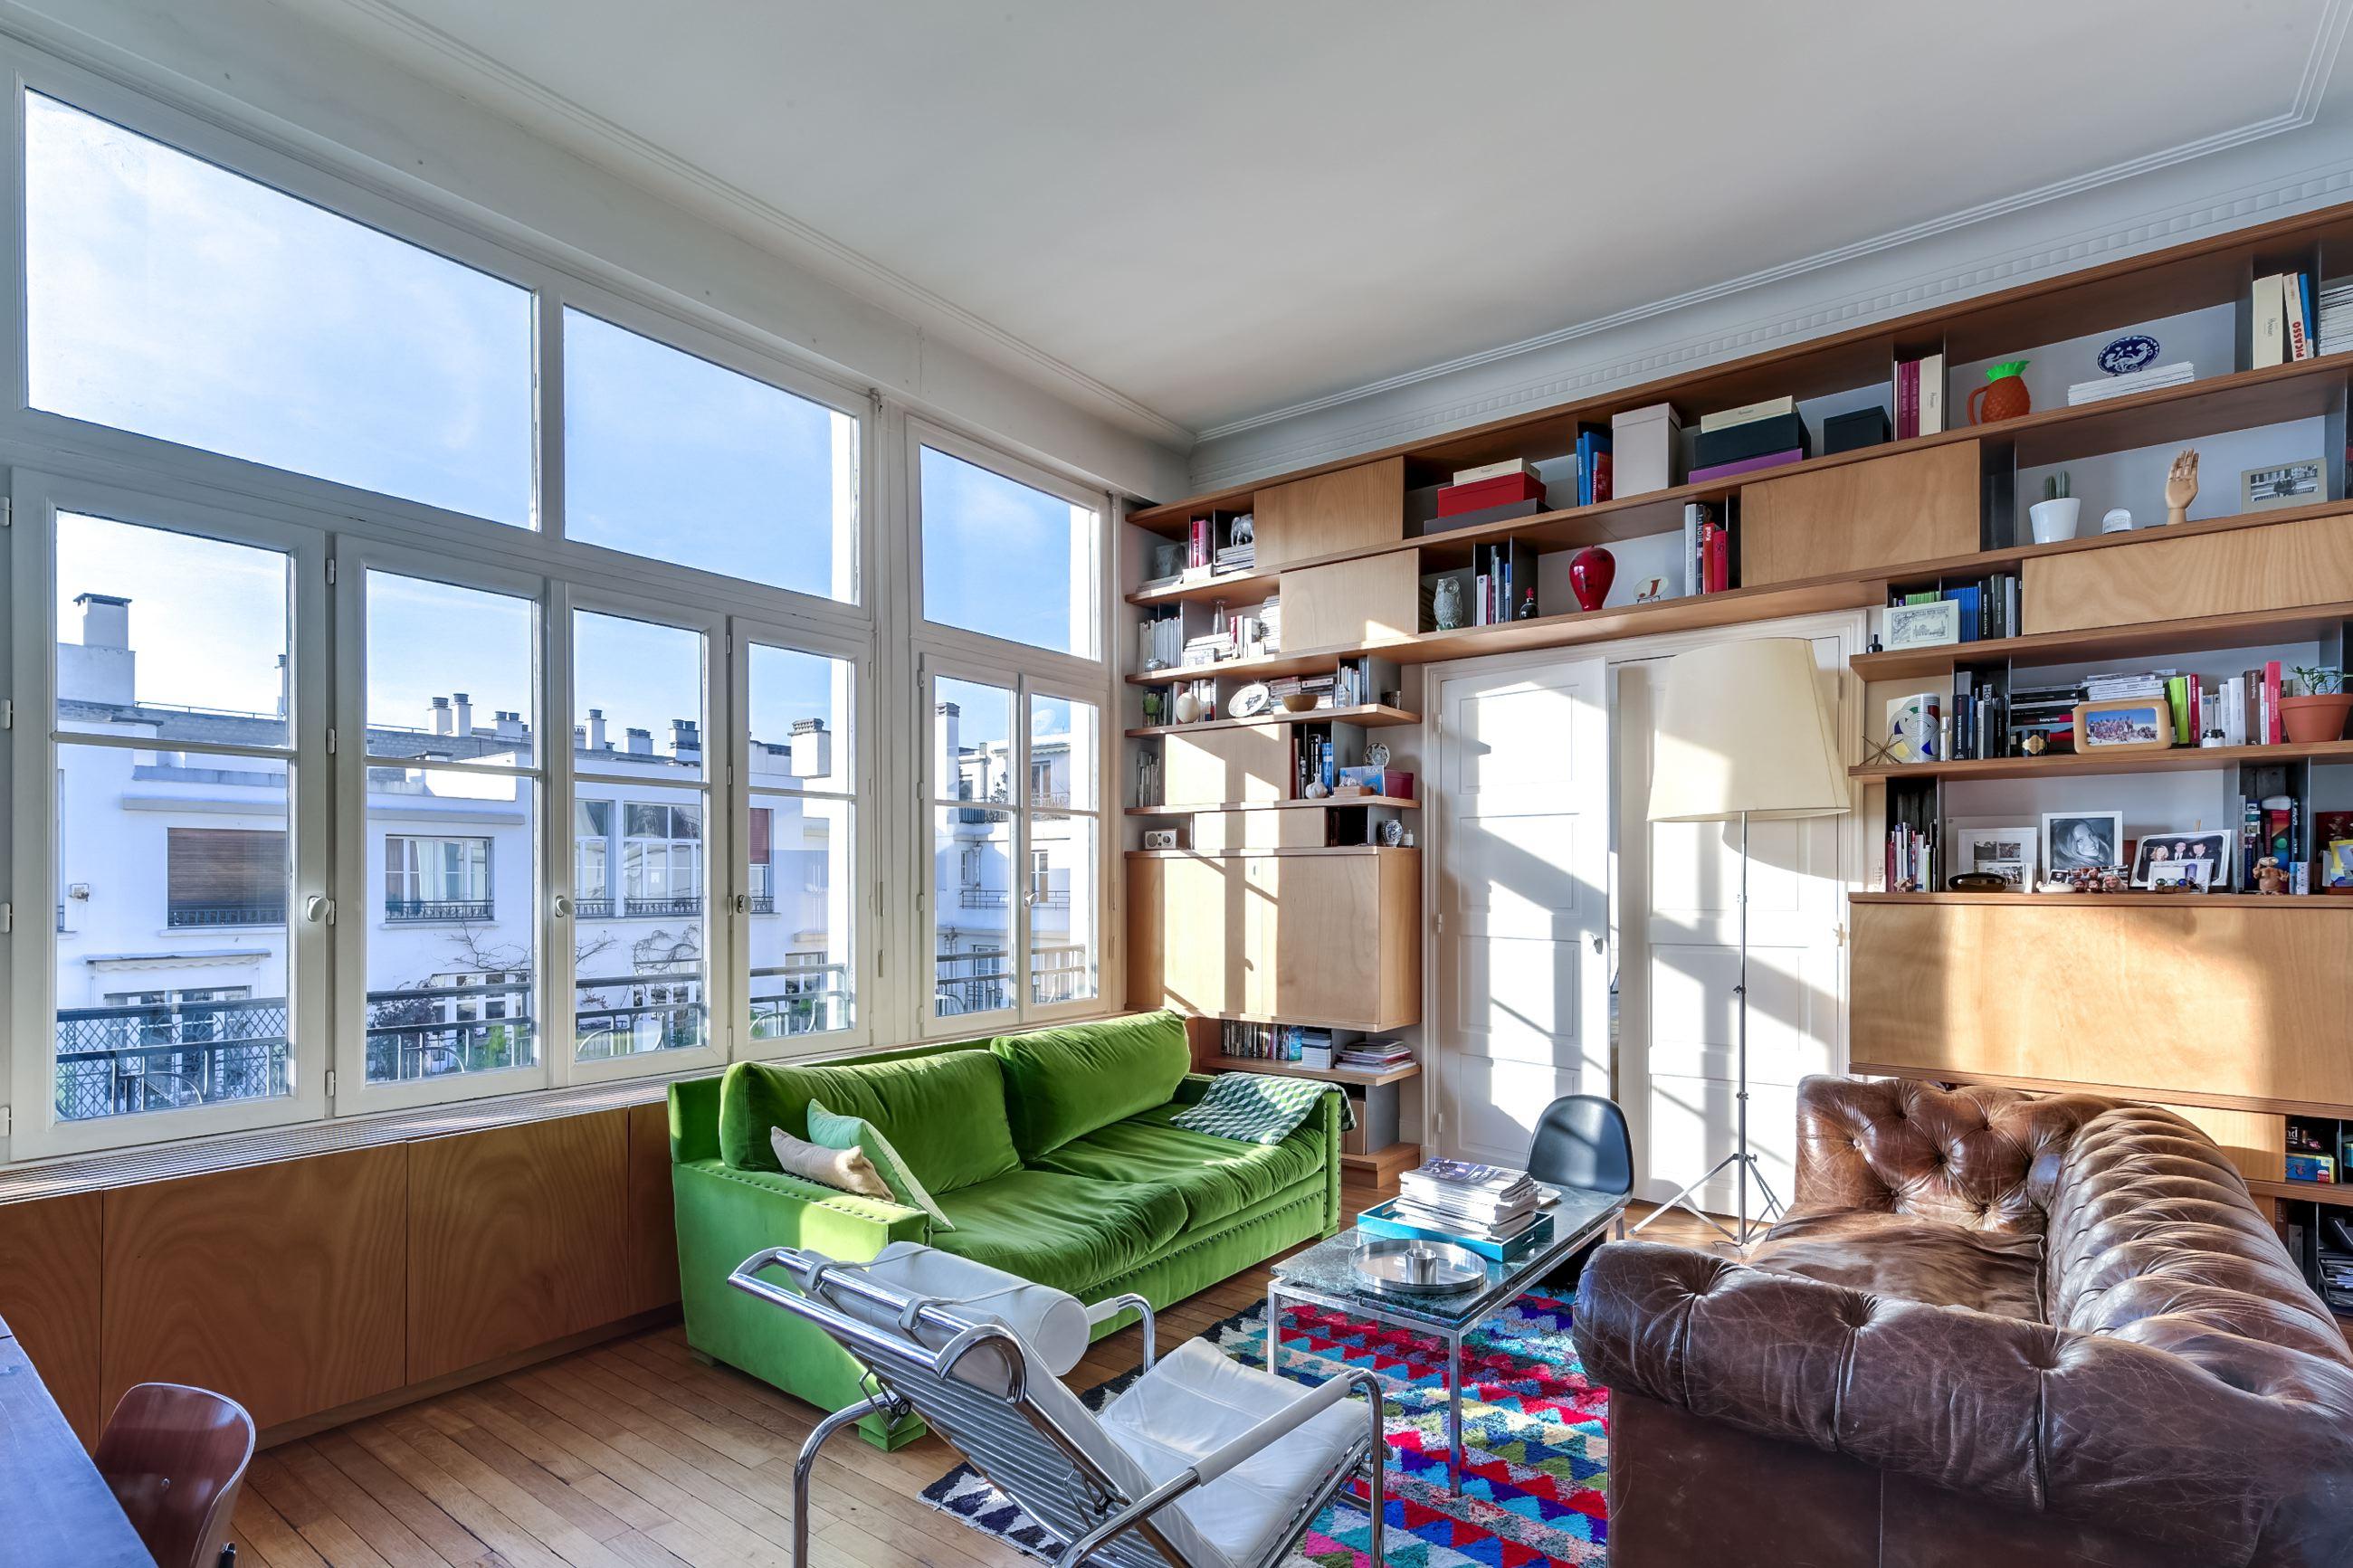 Dernier étage # 97 m² de pur bonheur # Paris 16<sup>ème</sup> sud